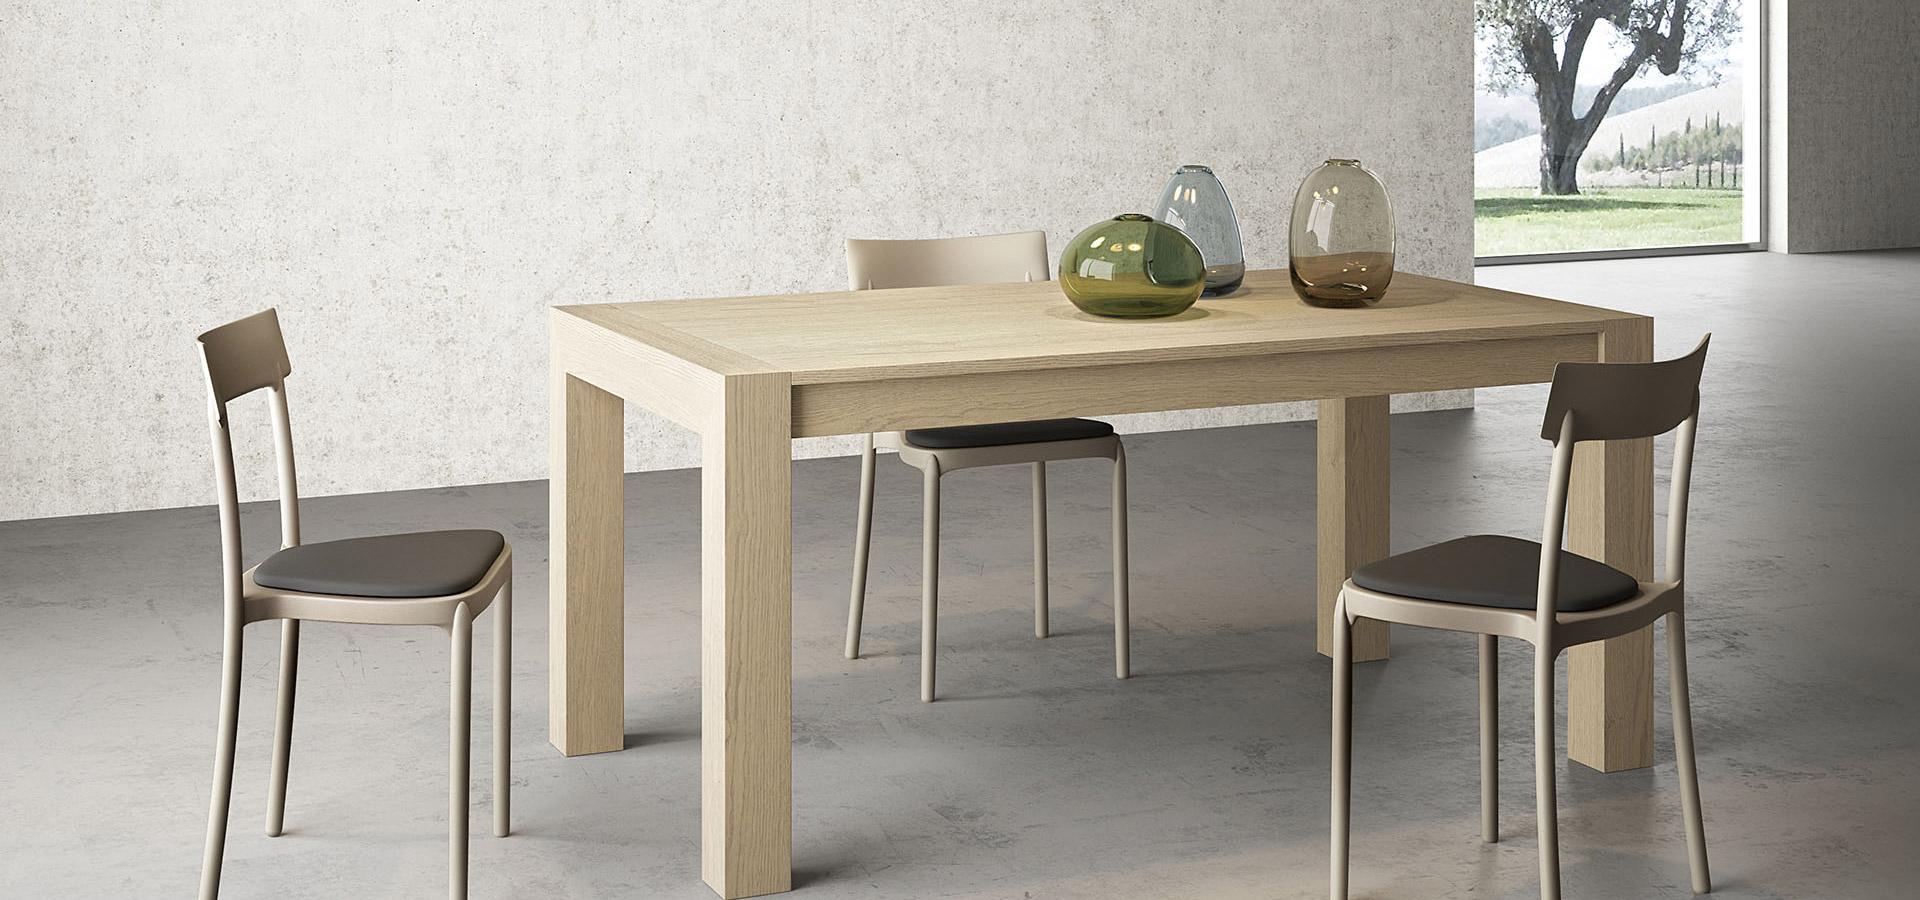 Arredamenti gallomobili mobili udine tavoli legno for Tavoli in legno moderni allungabili